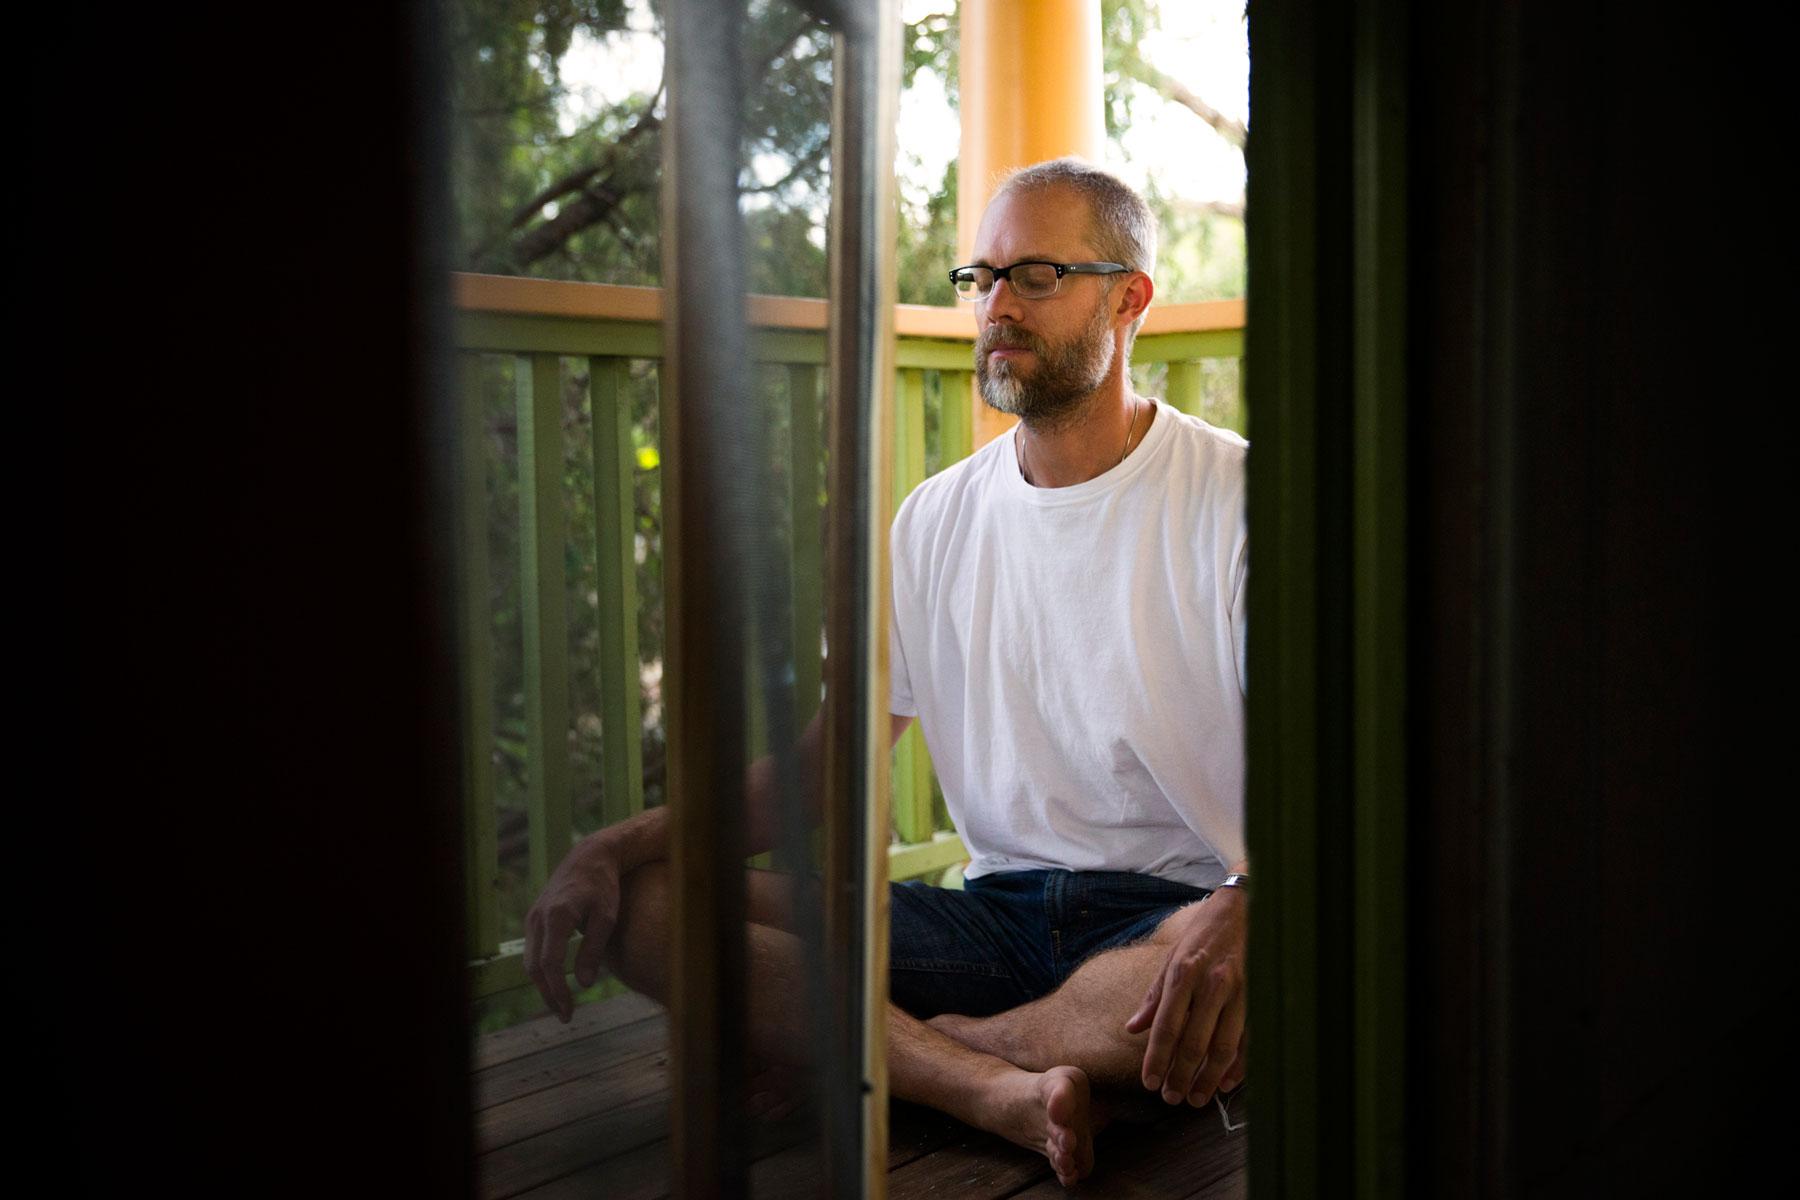 Yoga_Meditation_Outside_George_Lange_Lifestyle.jpg